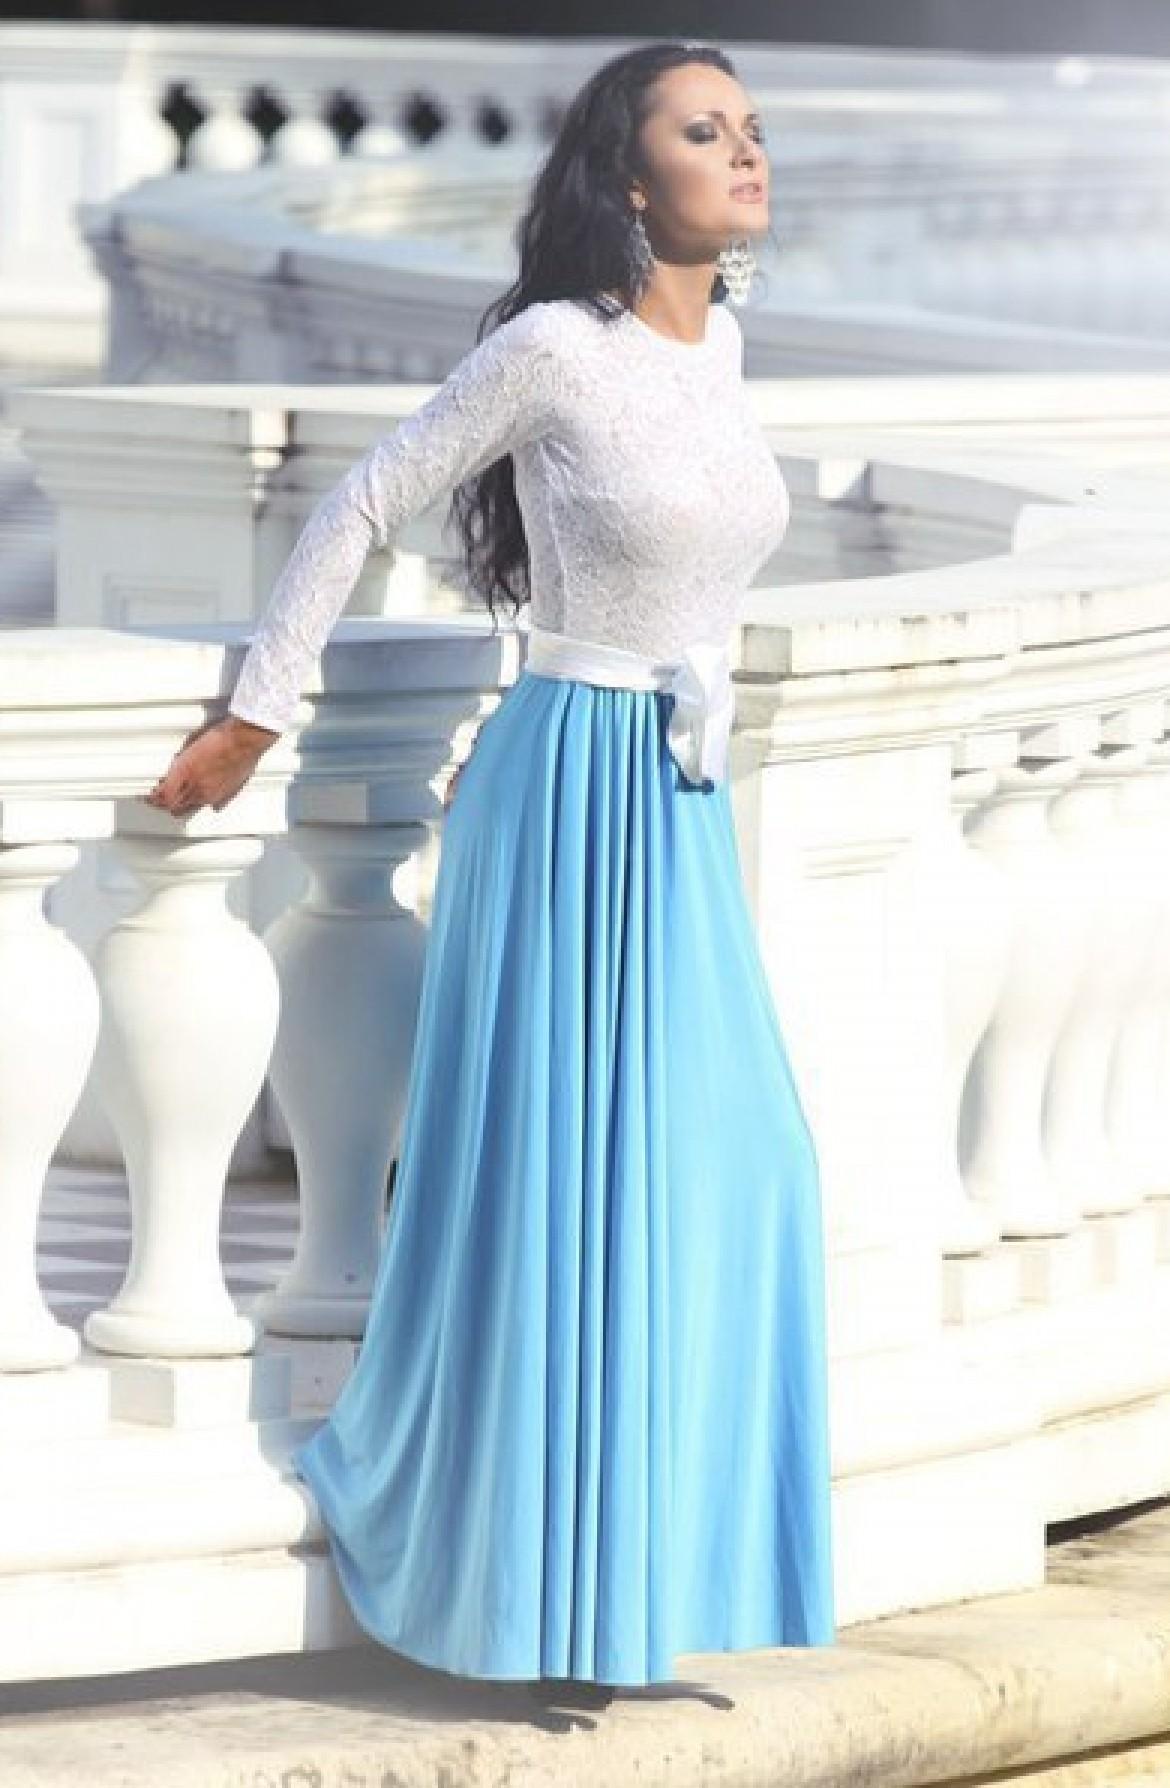 46870a48b0f9 Красивое платье в пол на выпускной вечер. Бесплатная доставка по России